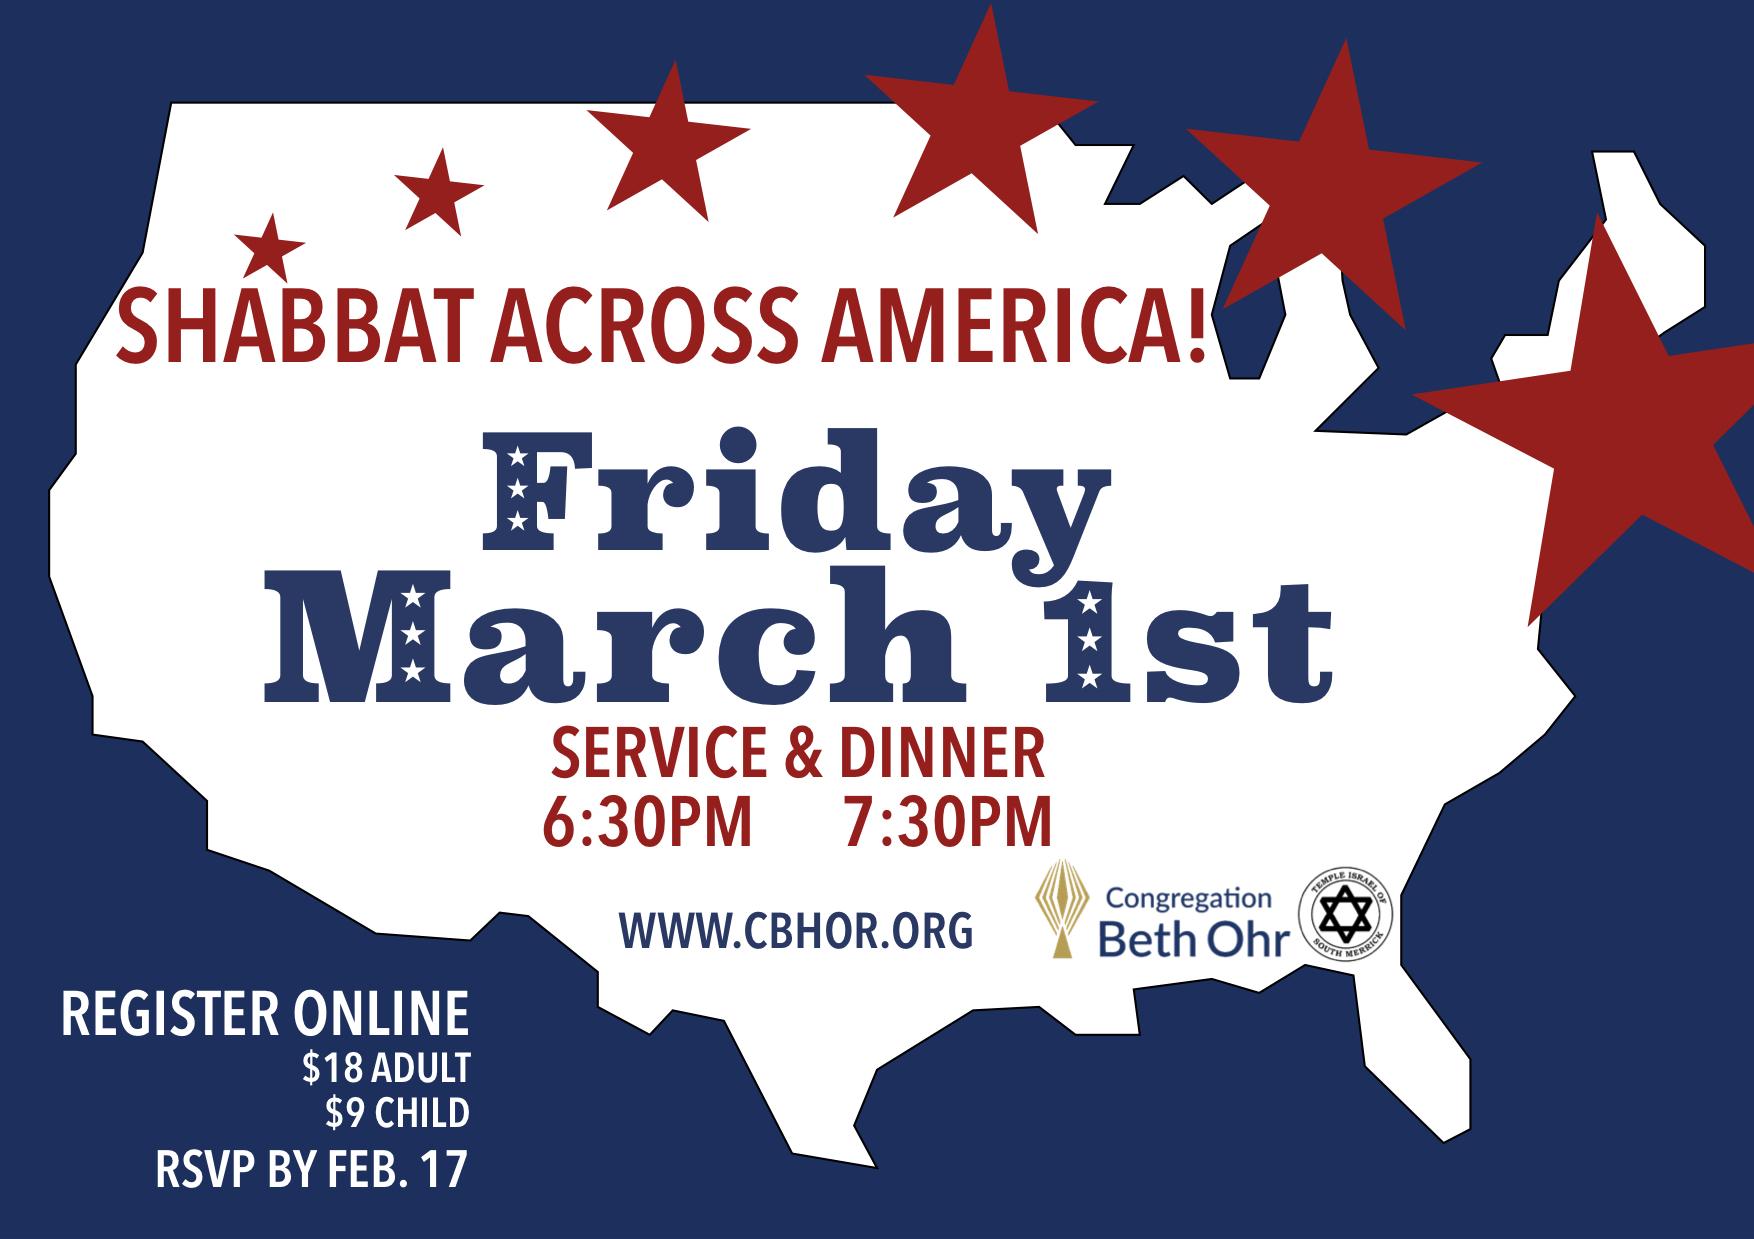 Shabbat Across America: Service & Dinner